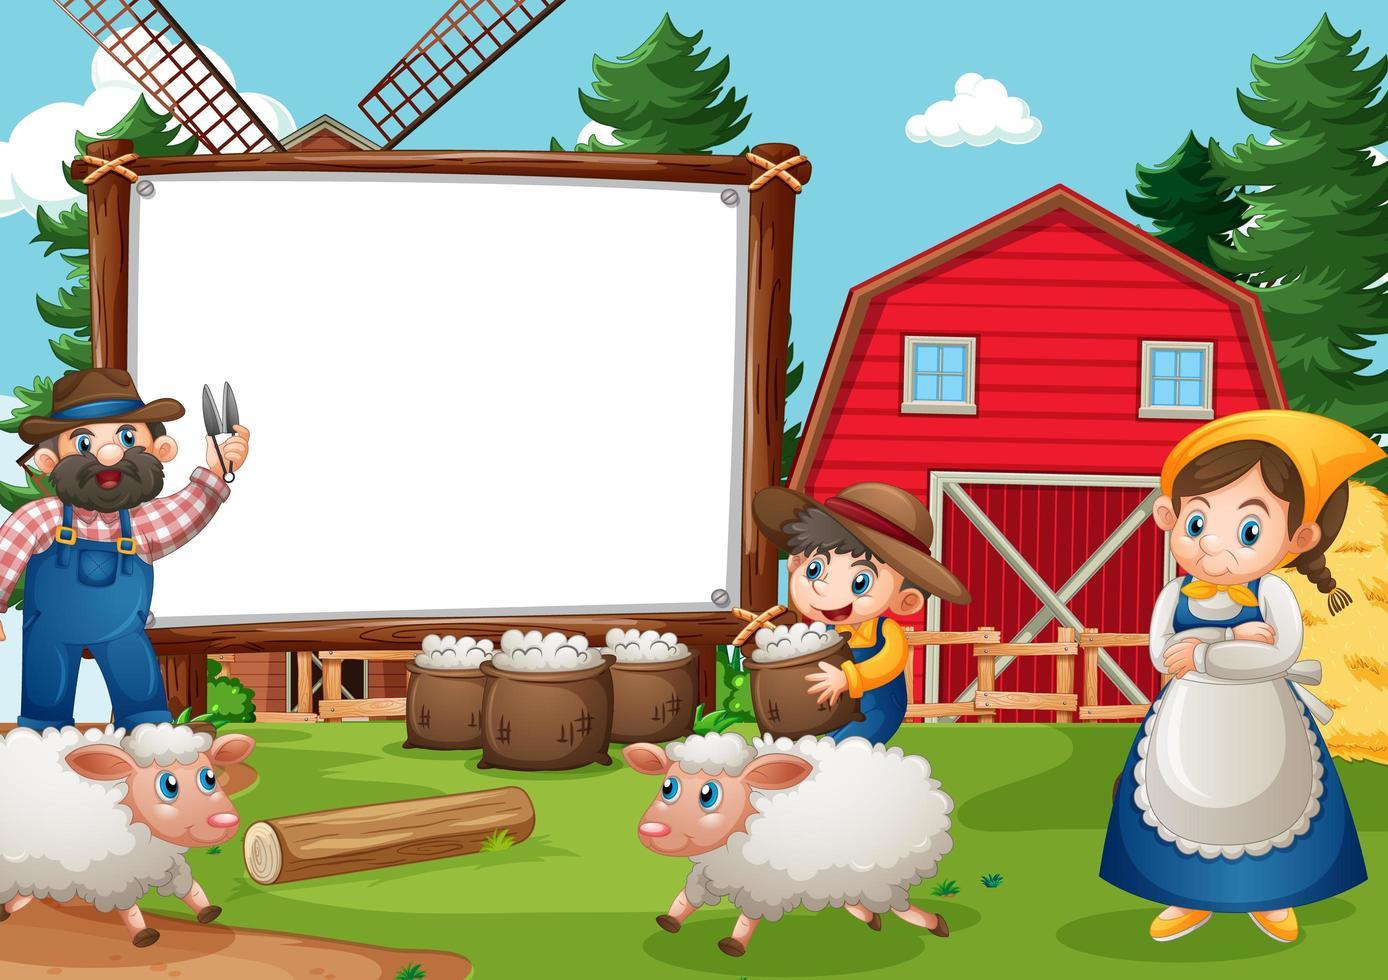 bannière vierge dans la scène de la ferme avec une famille heureuse vecteur